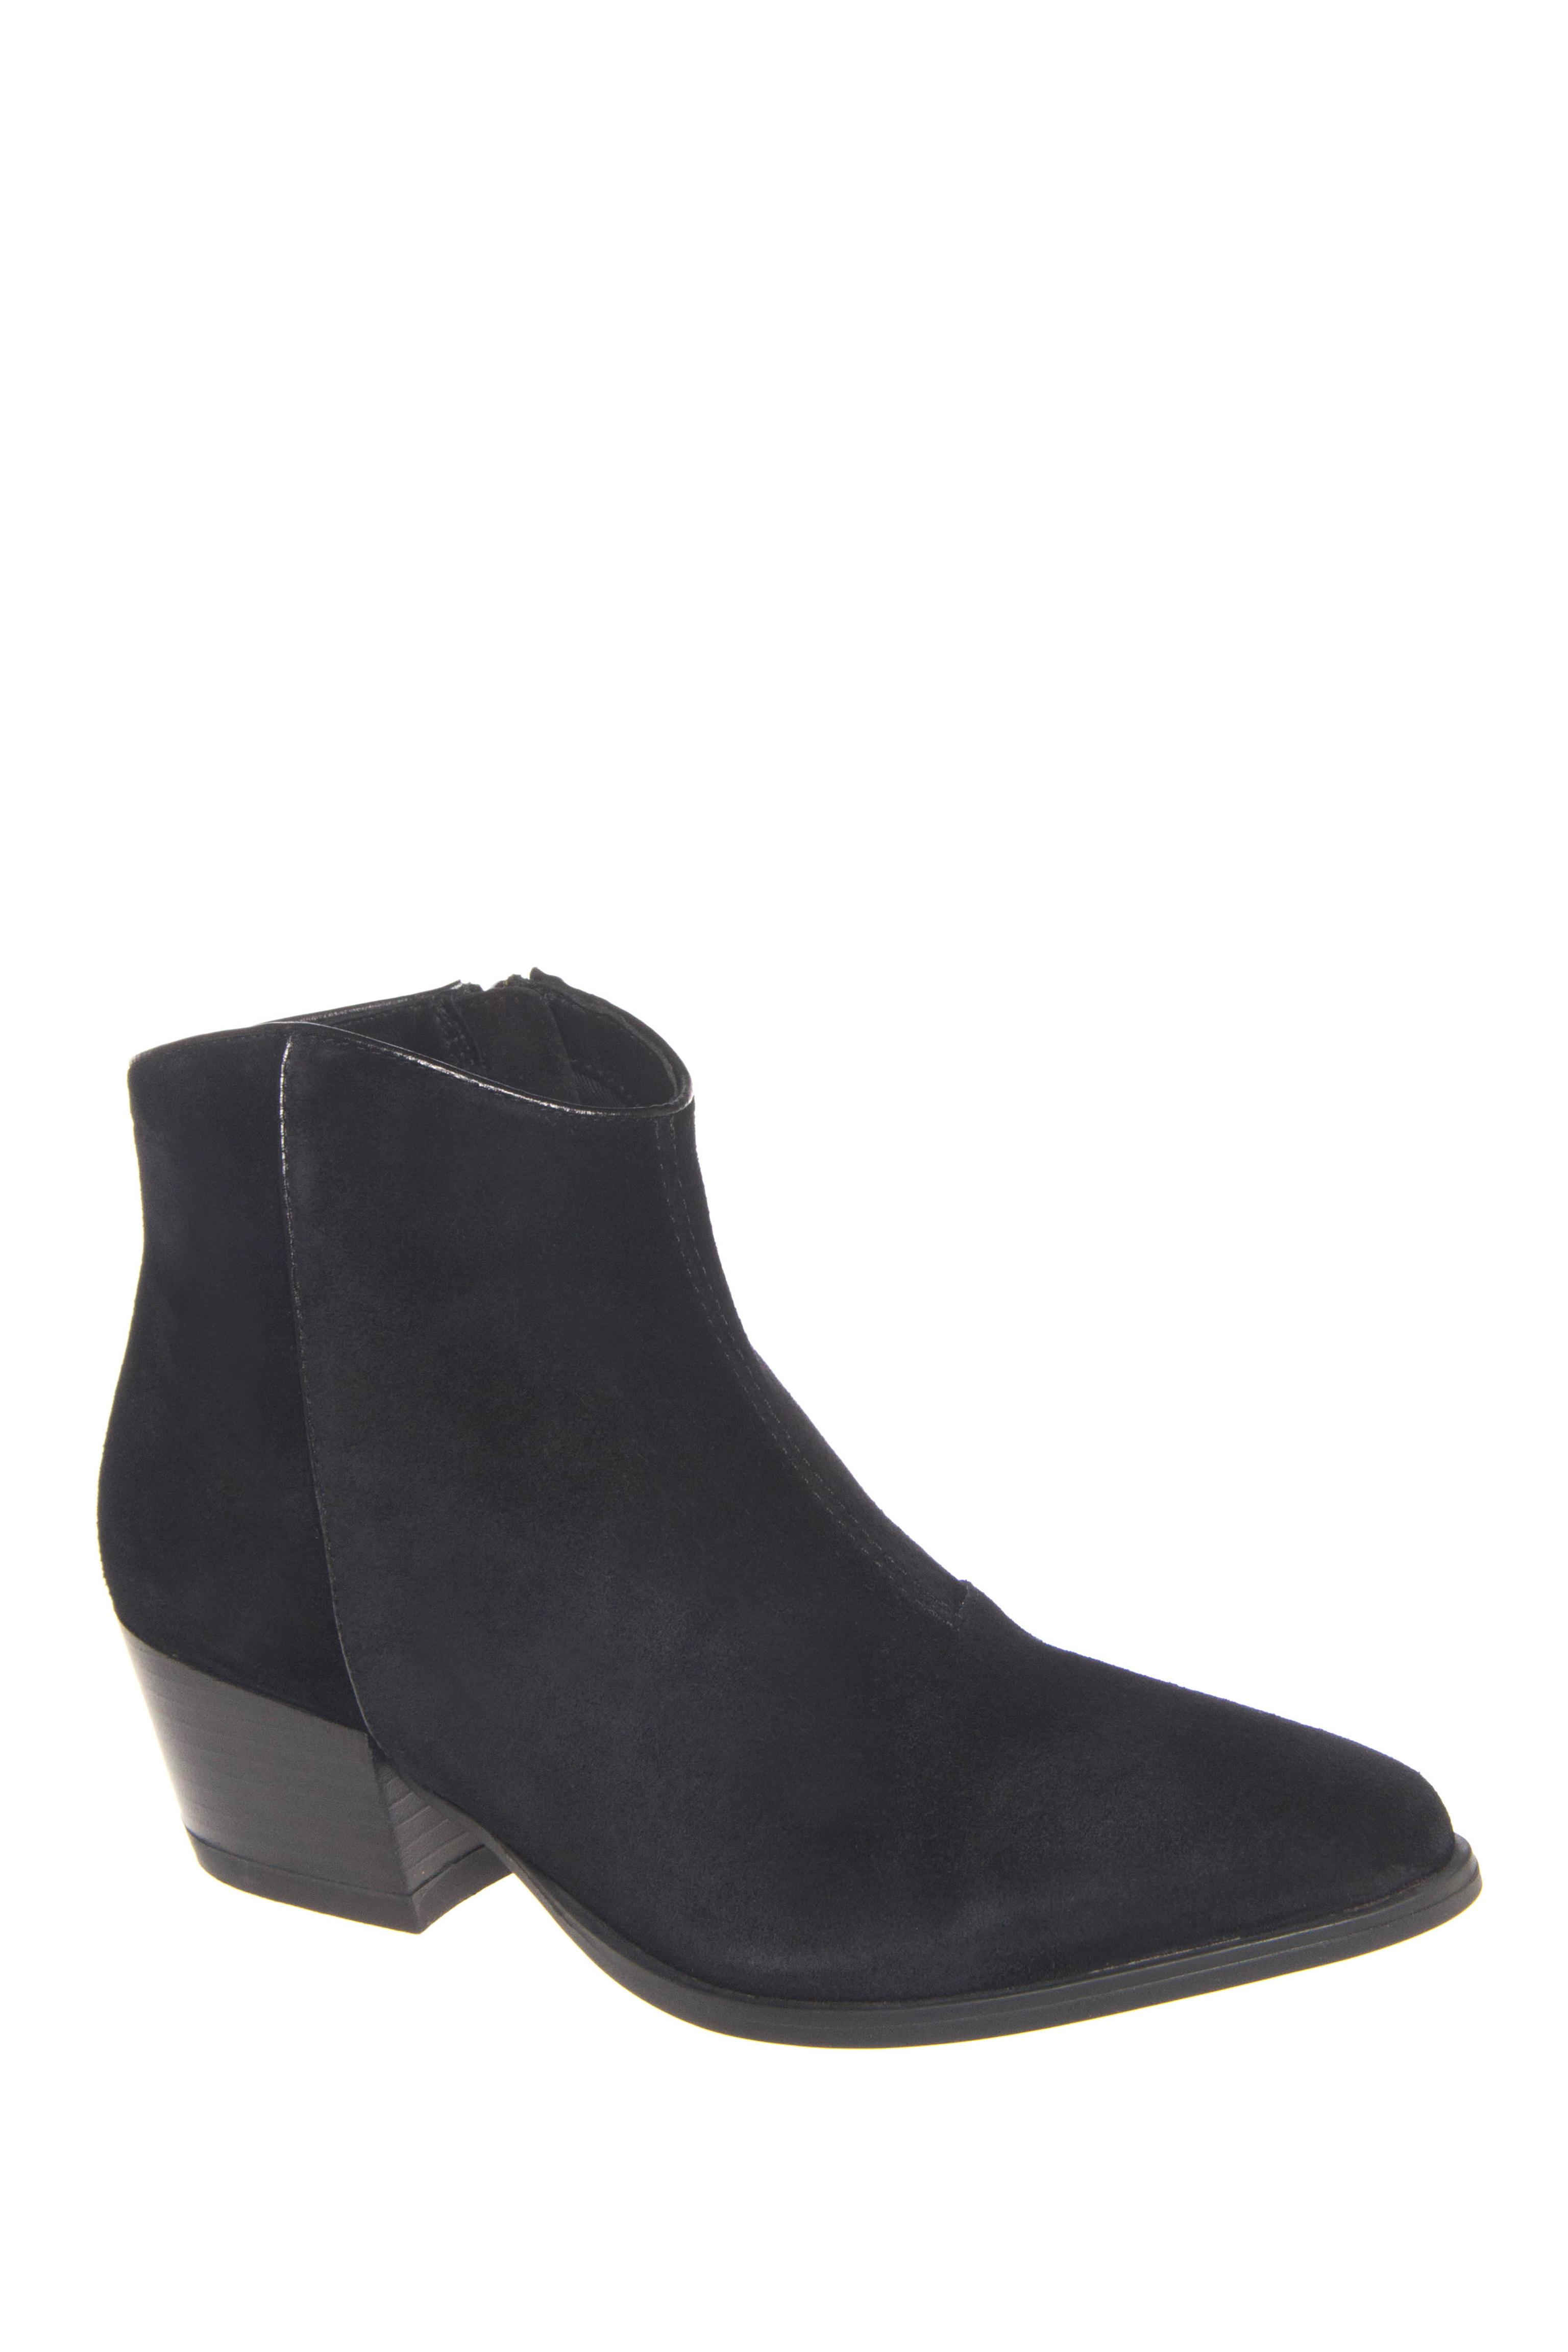 Vagabond Mandy Mid Heel Ankle Boots - Black